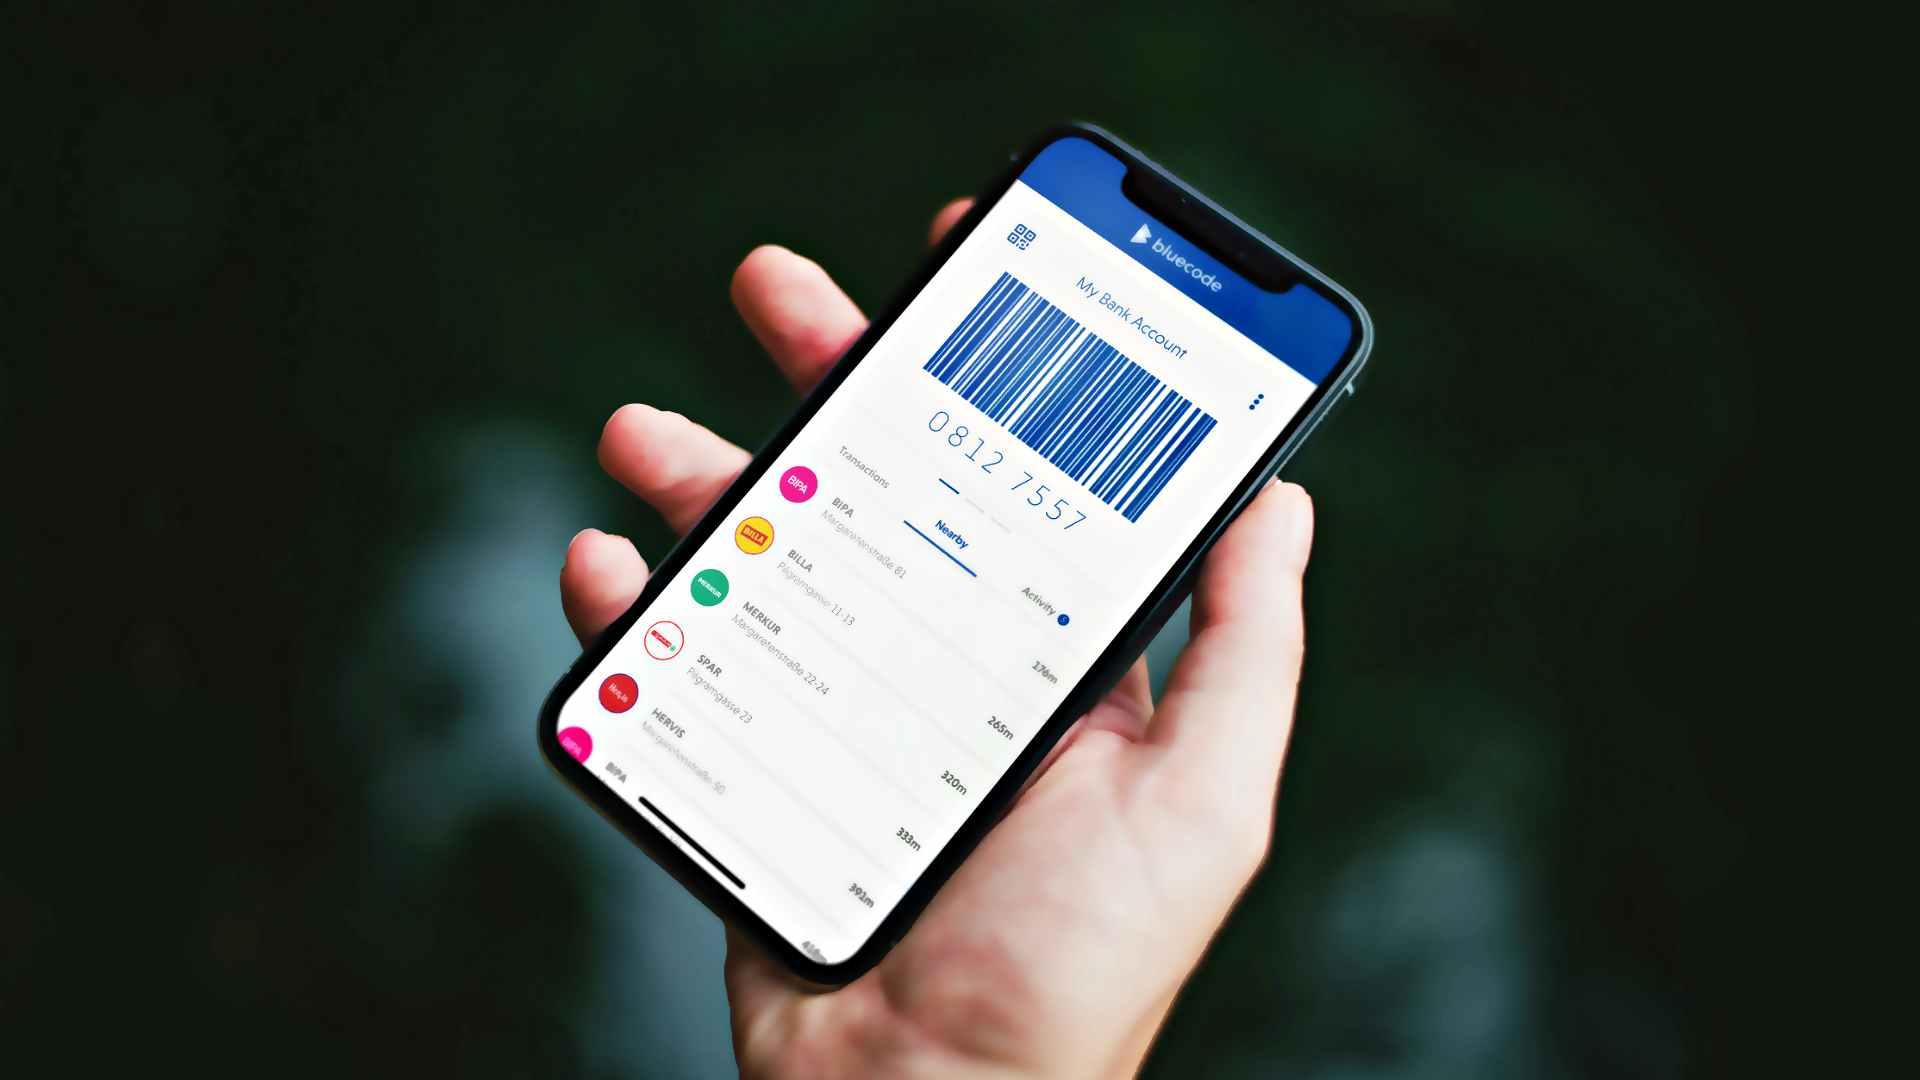 bluecode azonnali fizetes mobilfizetes